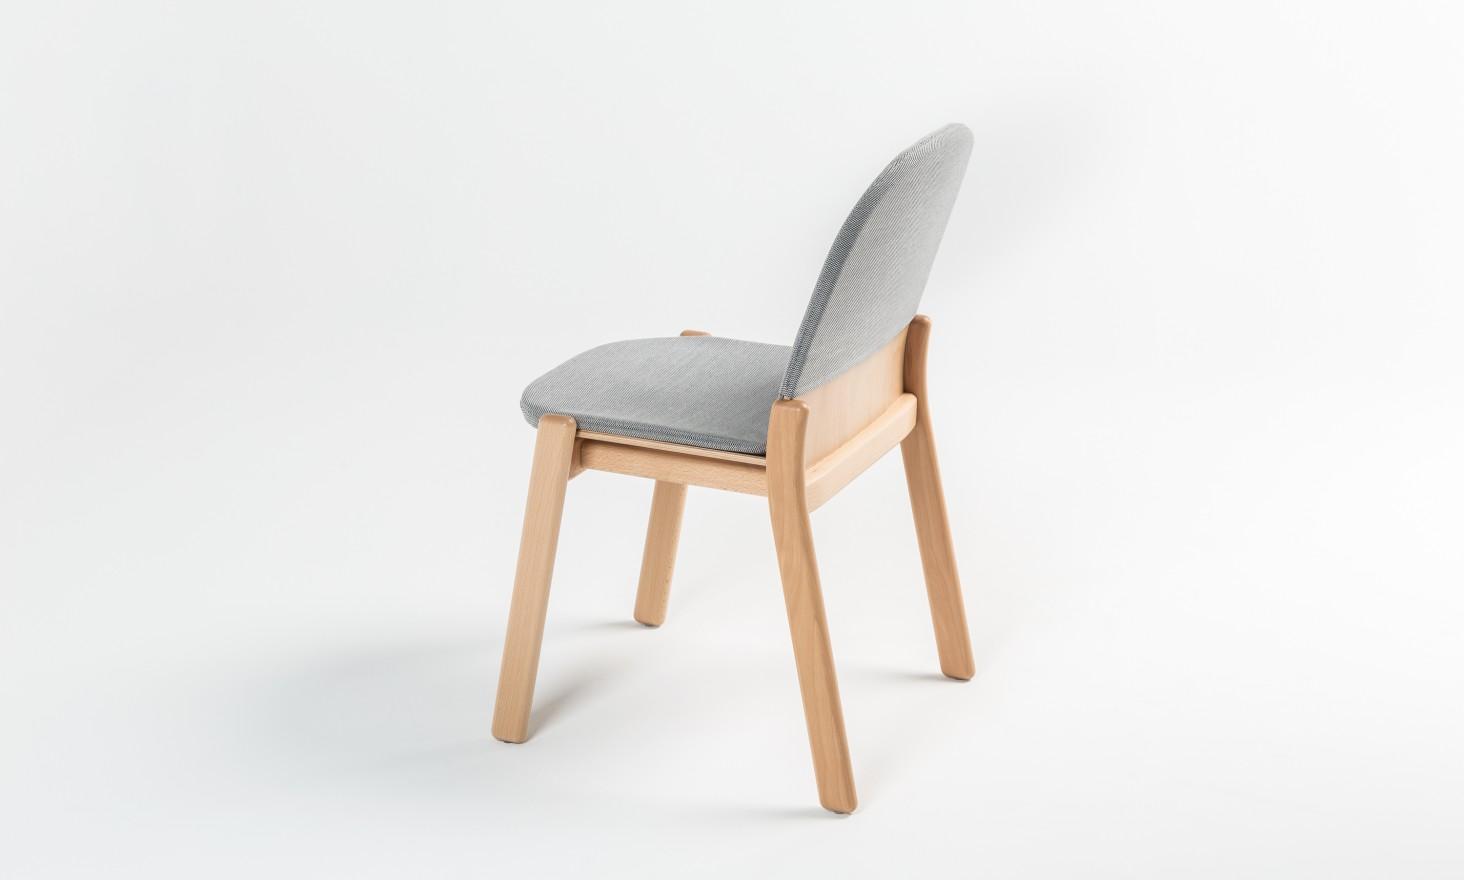 NORDIC_packshot_chair_upholstered 1